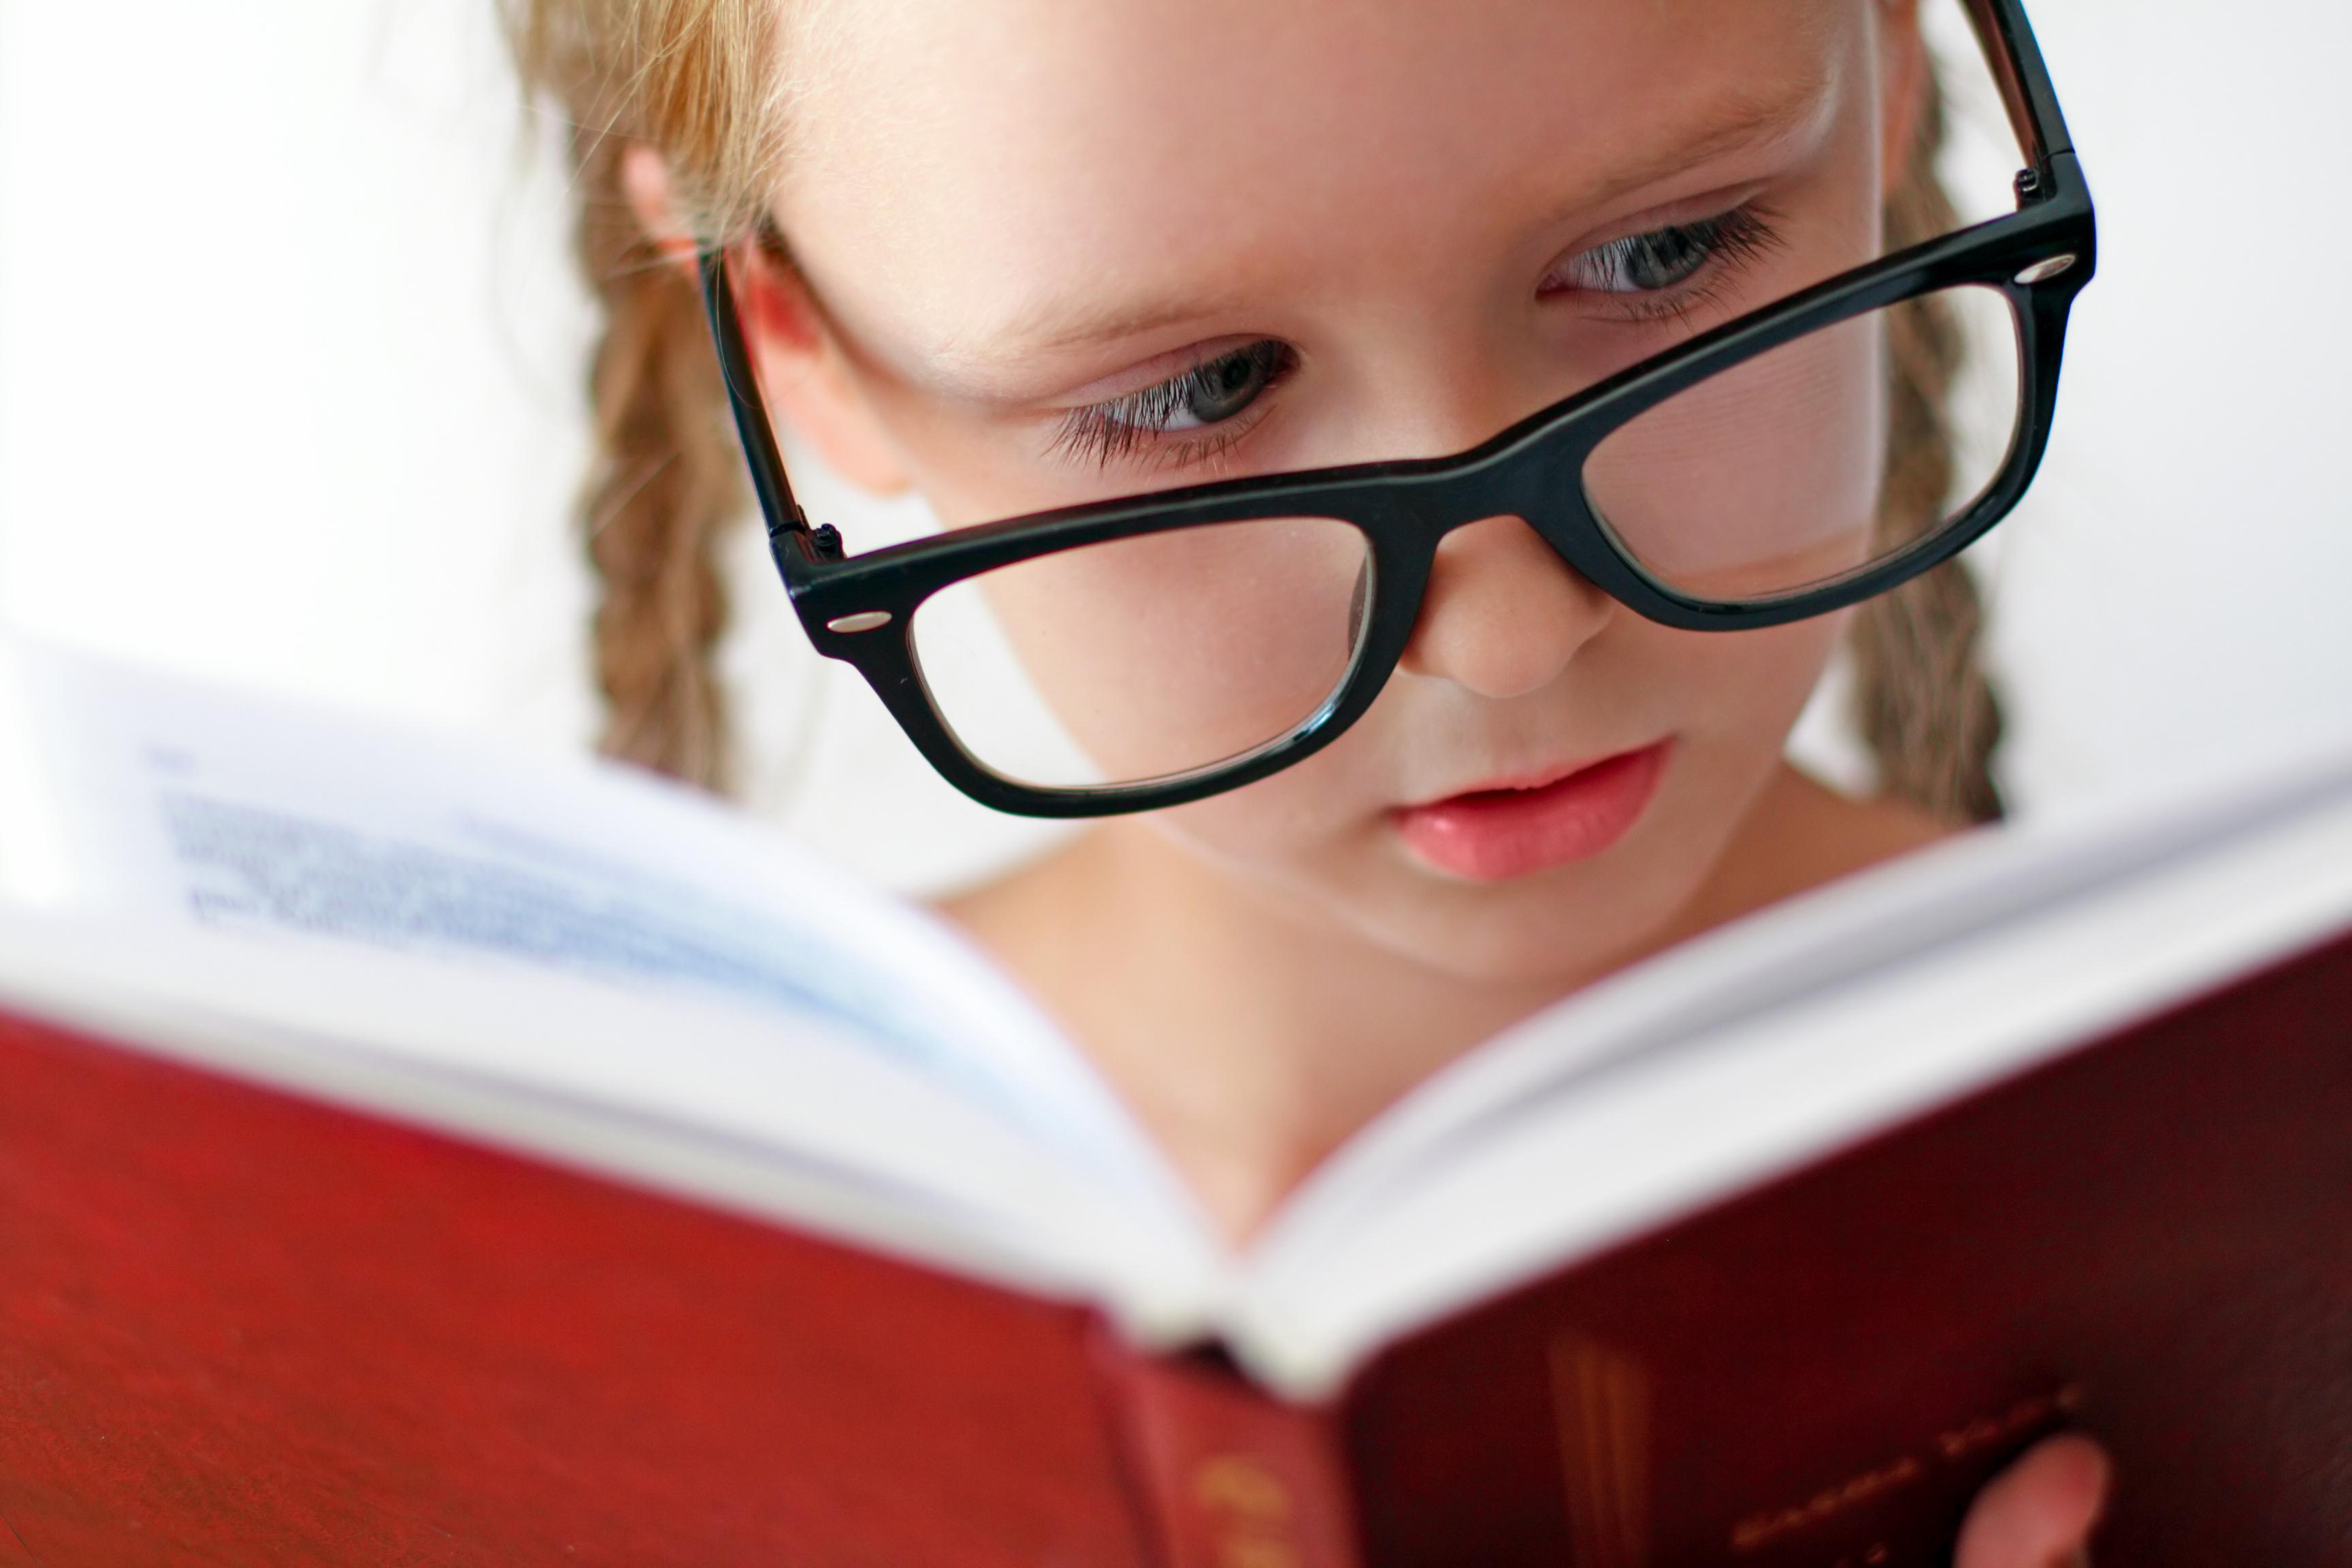 Girl wGlasses Reading_69332863